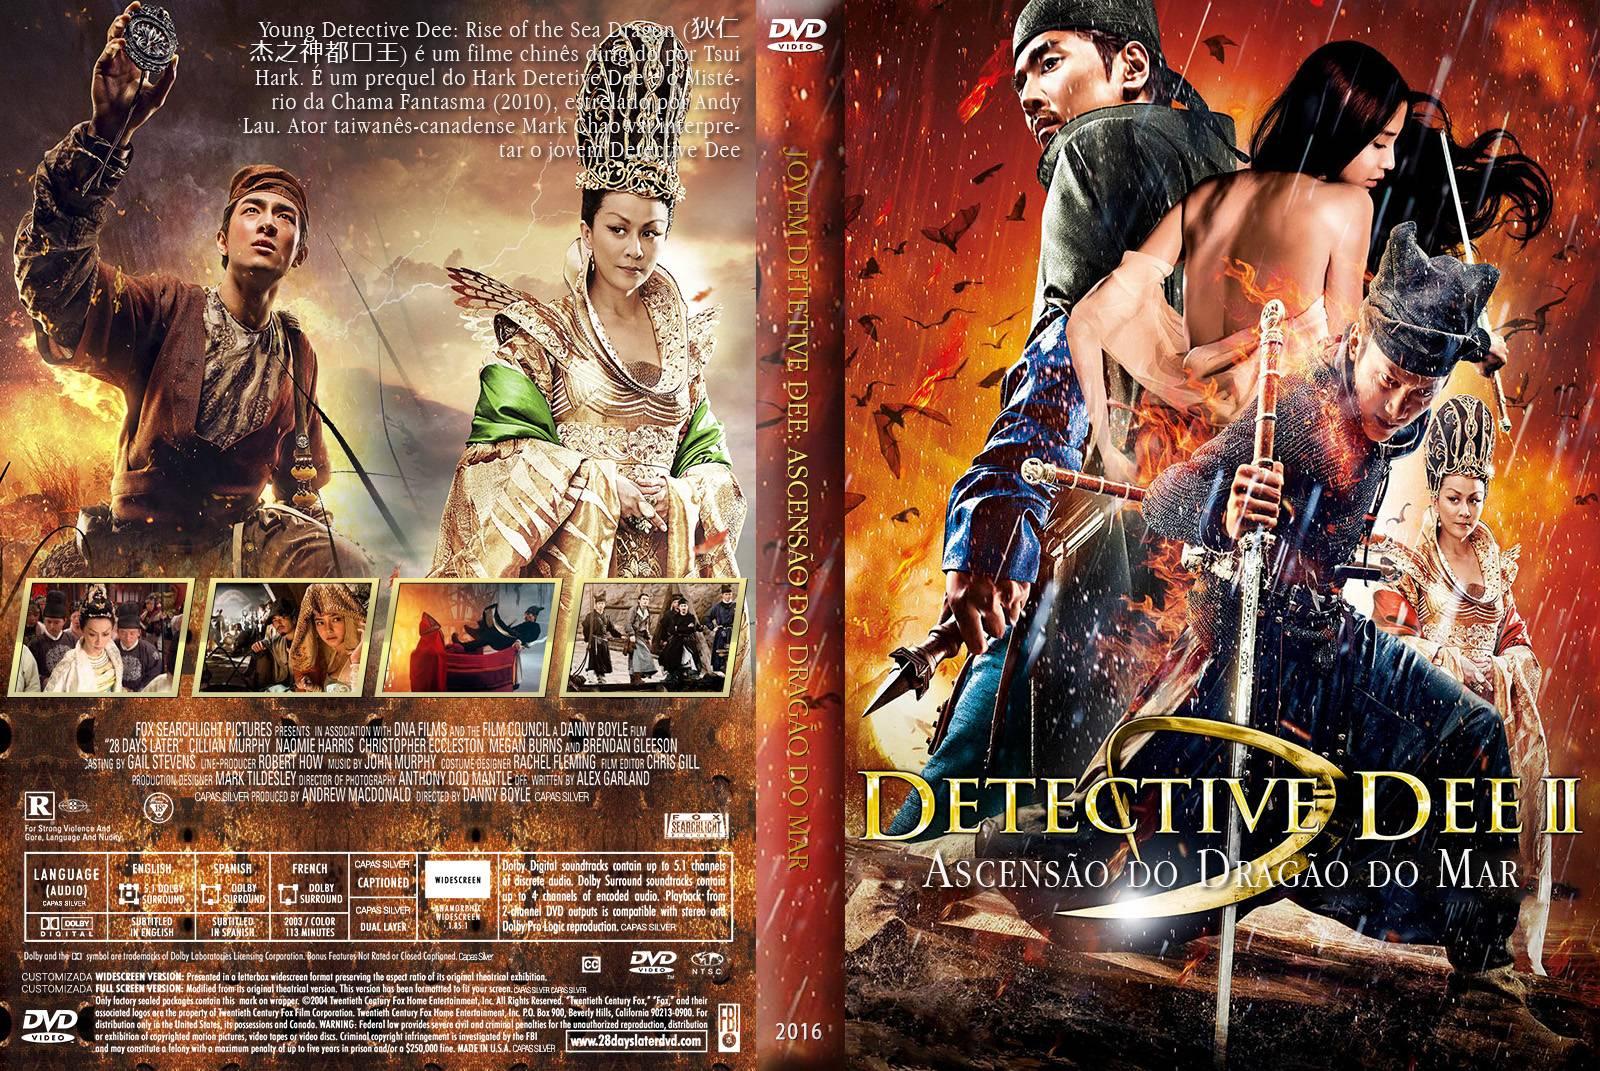 Jovem Detetive Dee: Ascensão do Dragão do Mar (2016) DVD-R Custom